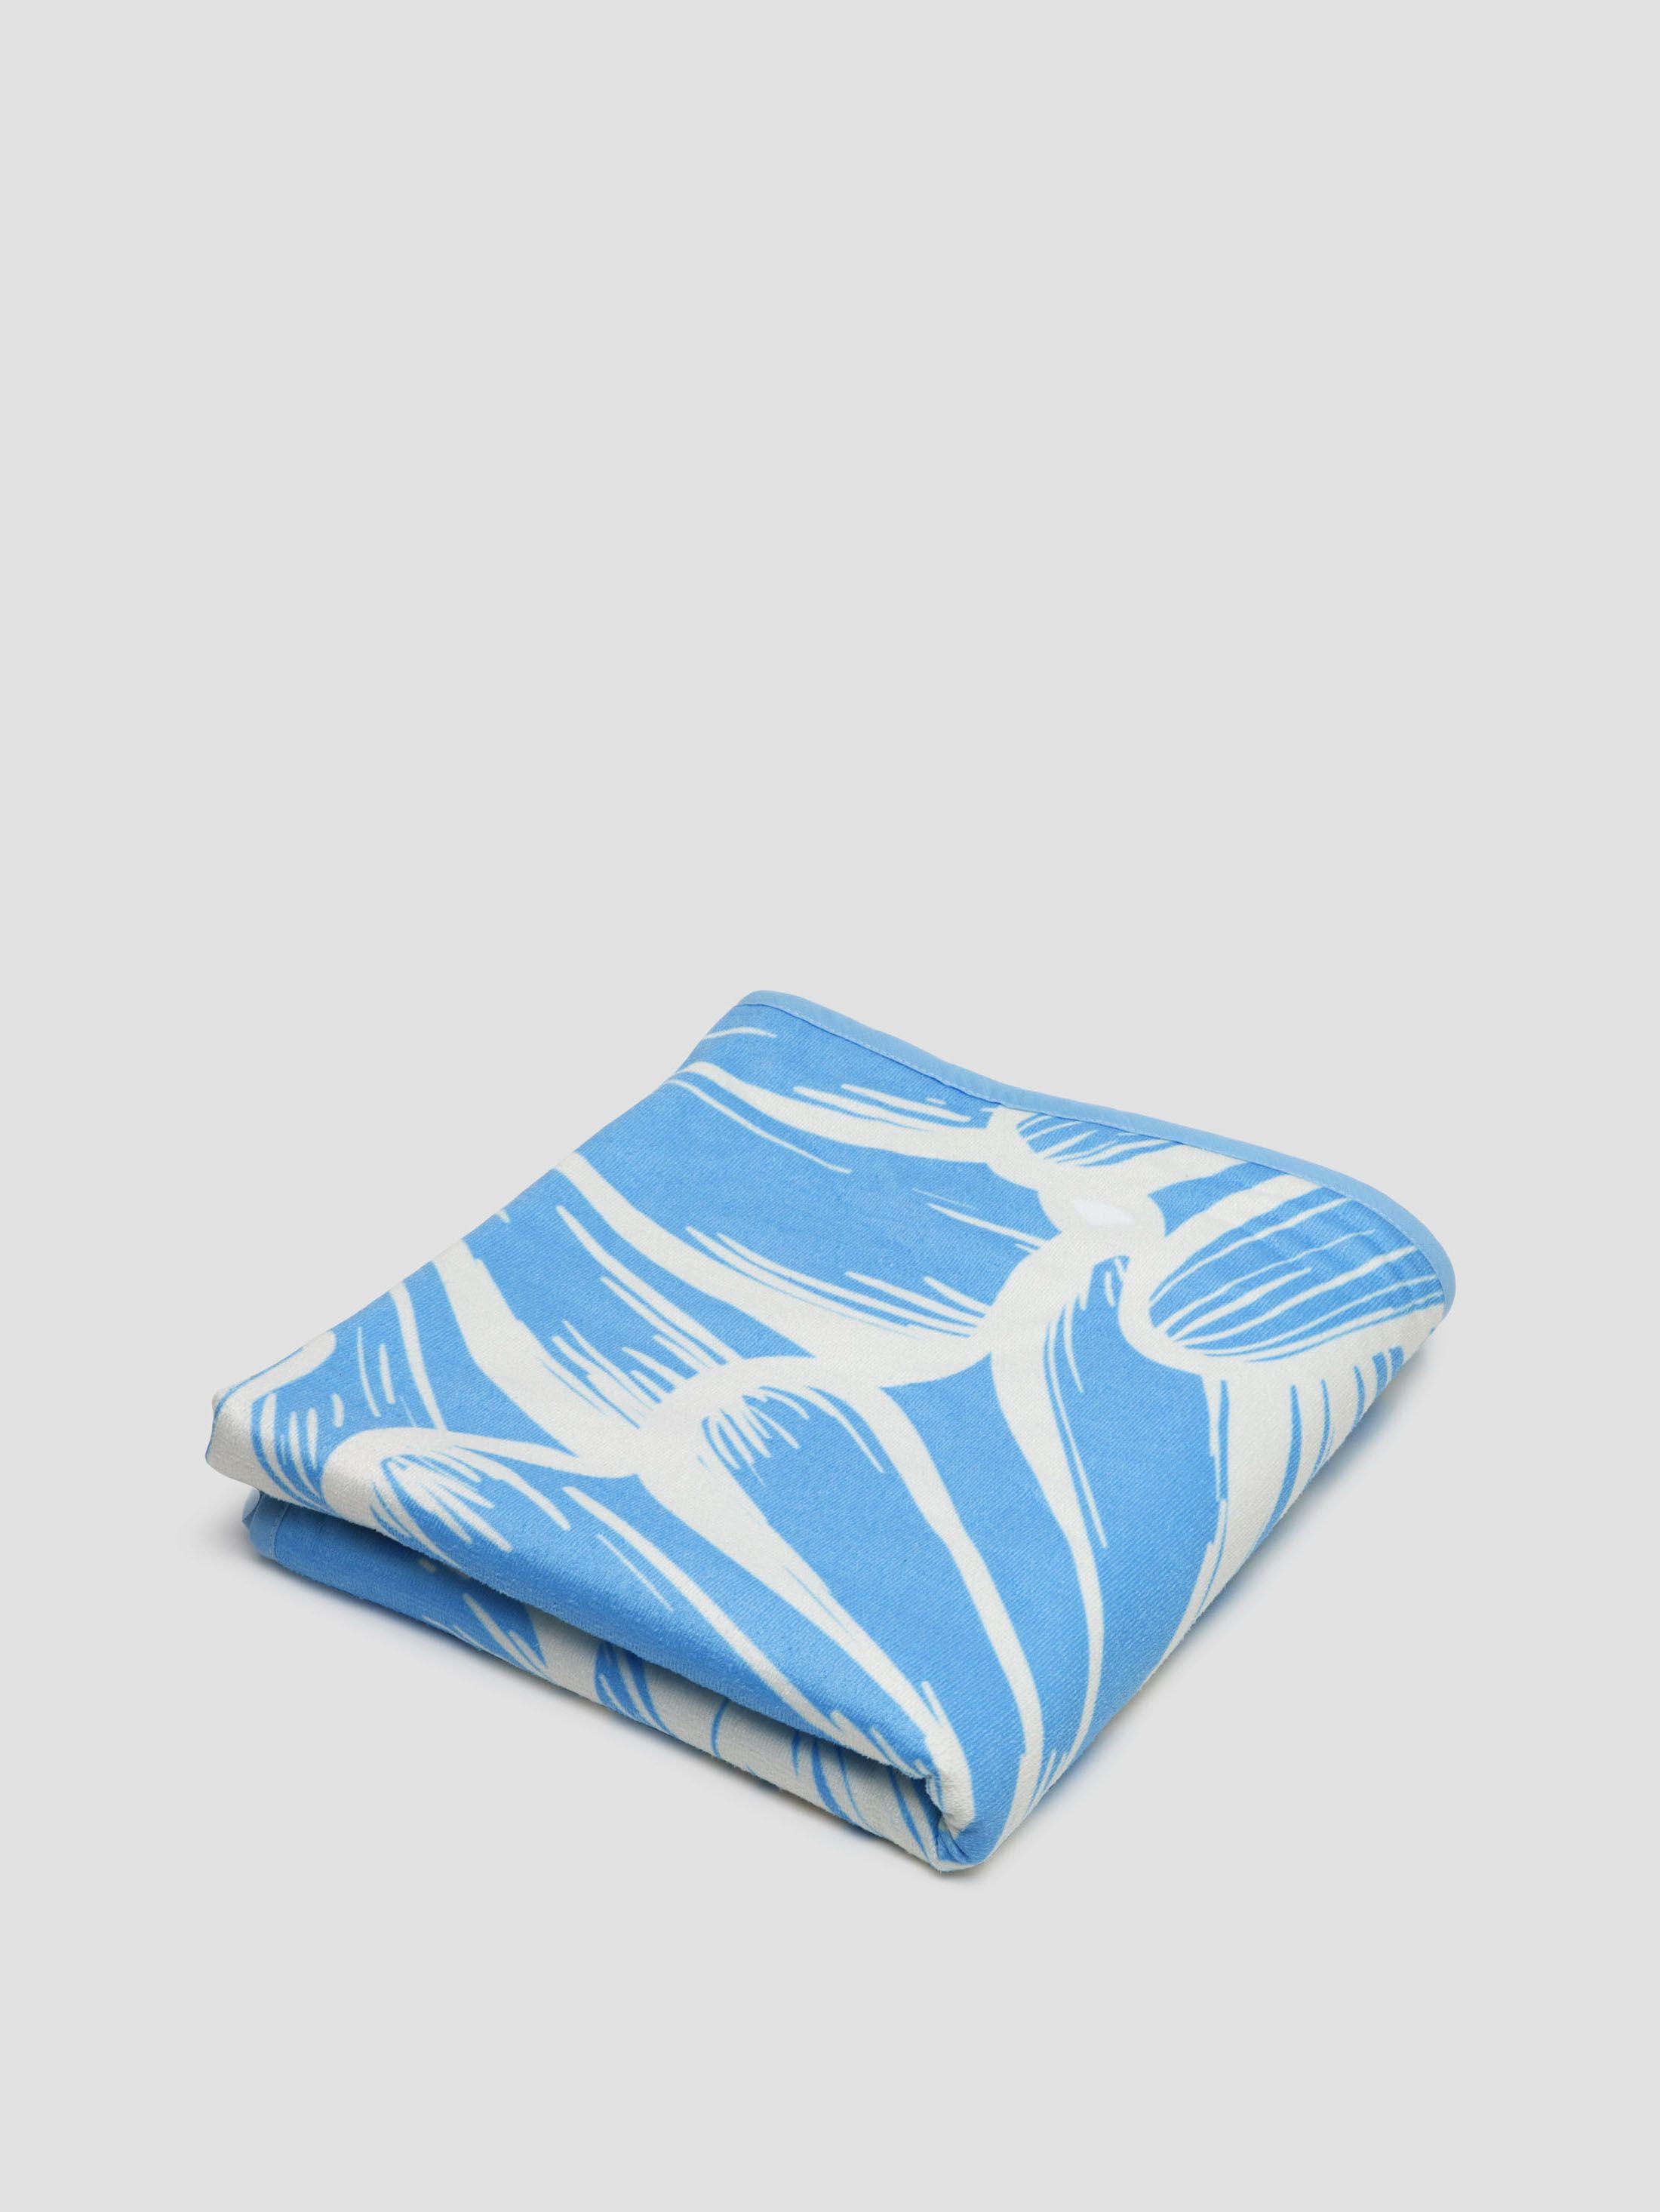 Serviette de plage personnalisée avec votre design